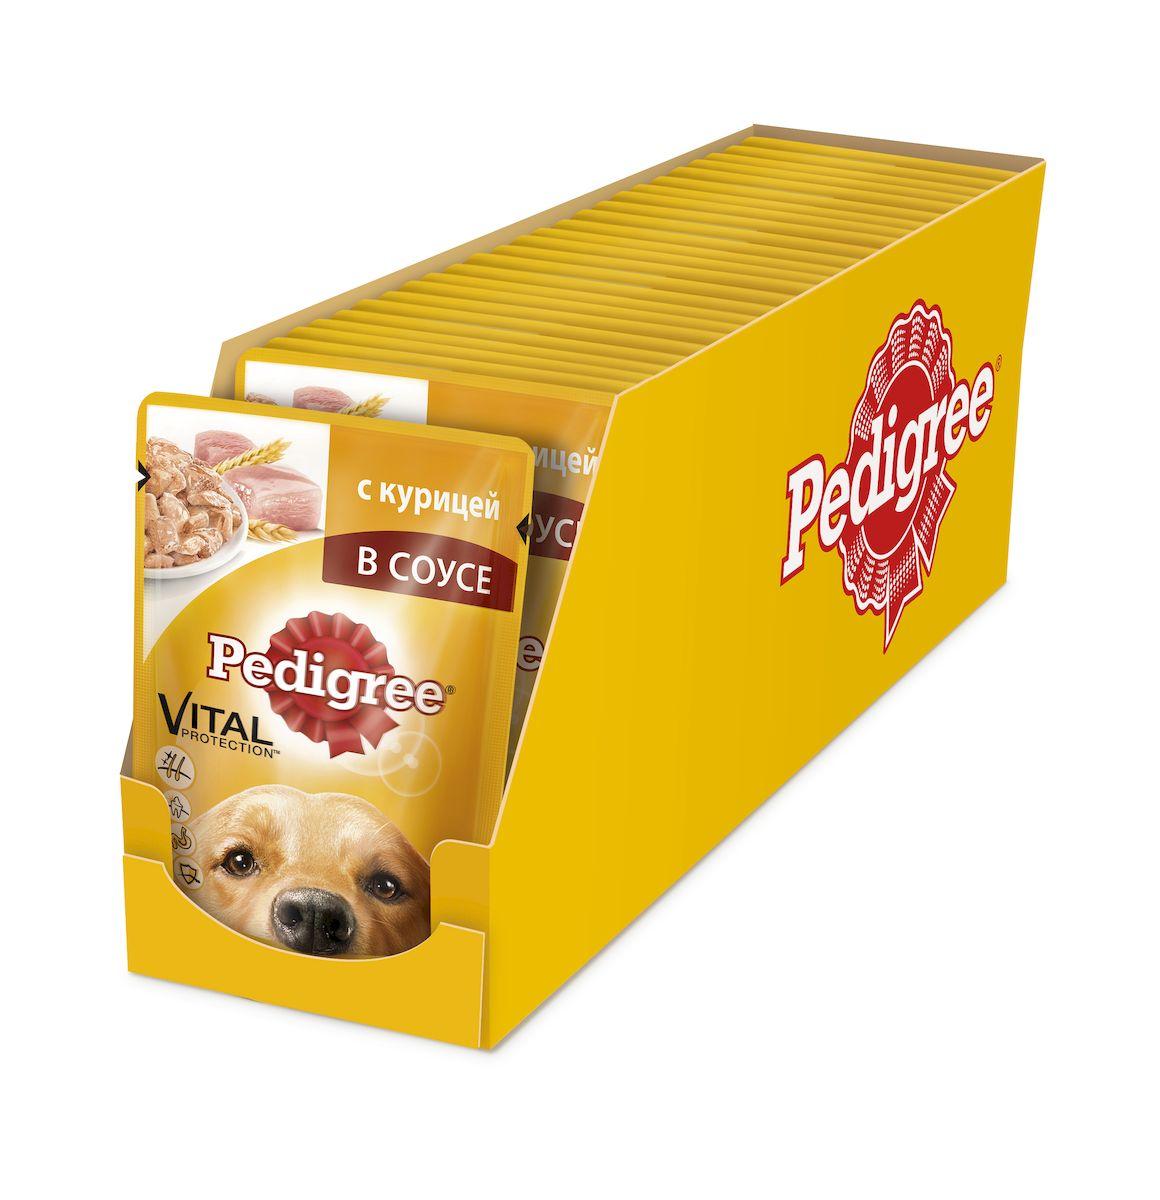 Консервы Pedigree для взрослых собак мелких пород, паштет с курицей, 80 г х 24 шт41399Консервы Pedigree - это не просто вкусный паштет с курицей, но и полезный, оптимально сбалансированный рацион. Он обеспечивает организм собаки витаминами и микроэлементами, необходимыми ей для здоровья и активной жизни. Не содержит ароматизаторов, усилителей вкуса, сои и консервантов, искусственных красителей. Ключевые преимущества: Поддержка иммунной системы: Витамин E и цинк поддерживают иммунную систему. Здоровье костей: Содержит кальций для поддержания здоровья костей. Здоровье кожи и шерсти: Линолевая кислота и цинк необходимы для здоровья кожи и шерсти. Отличное пищеварение: Высокоусвояемые ингредиенты и клетчатка для оптимального пищеварения. Состав: мясо и субпродукты (в том числе курица минимум 4%), клетчатка, минеральные вещества, растительное масло, витамины. Пищевая ценность (100 г): белки - 7,0 г; жиры - 3,5 г; зола - 1,0 г; клетчатка - 0,6 г; влага - 85 г; кальций - не менее 0,1 г; цинк - не...